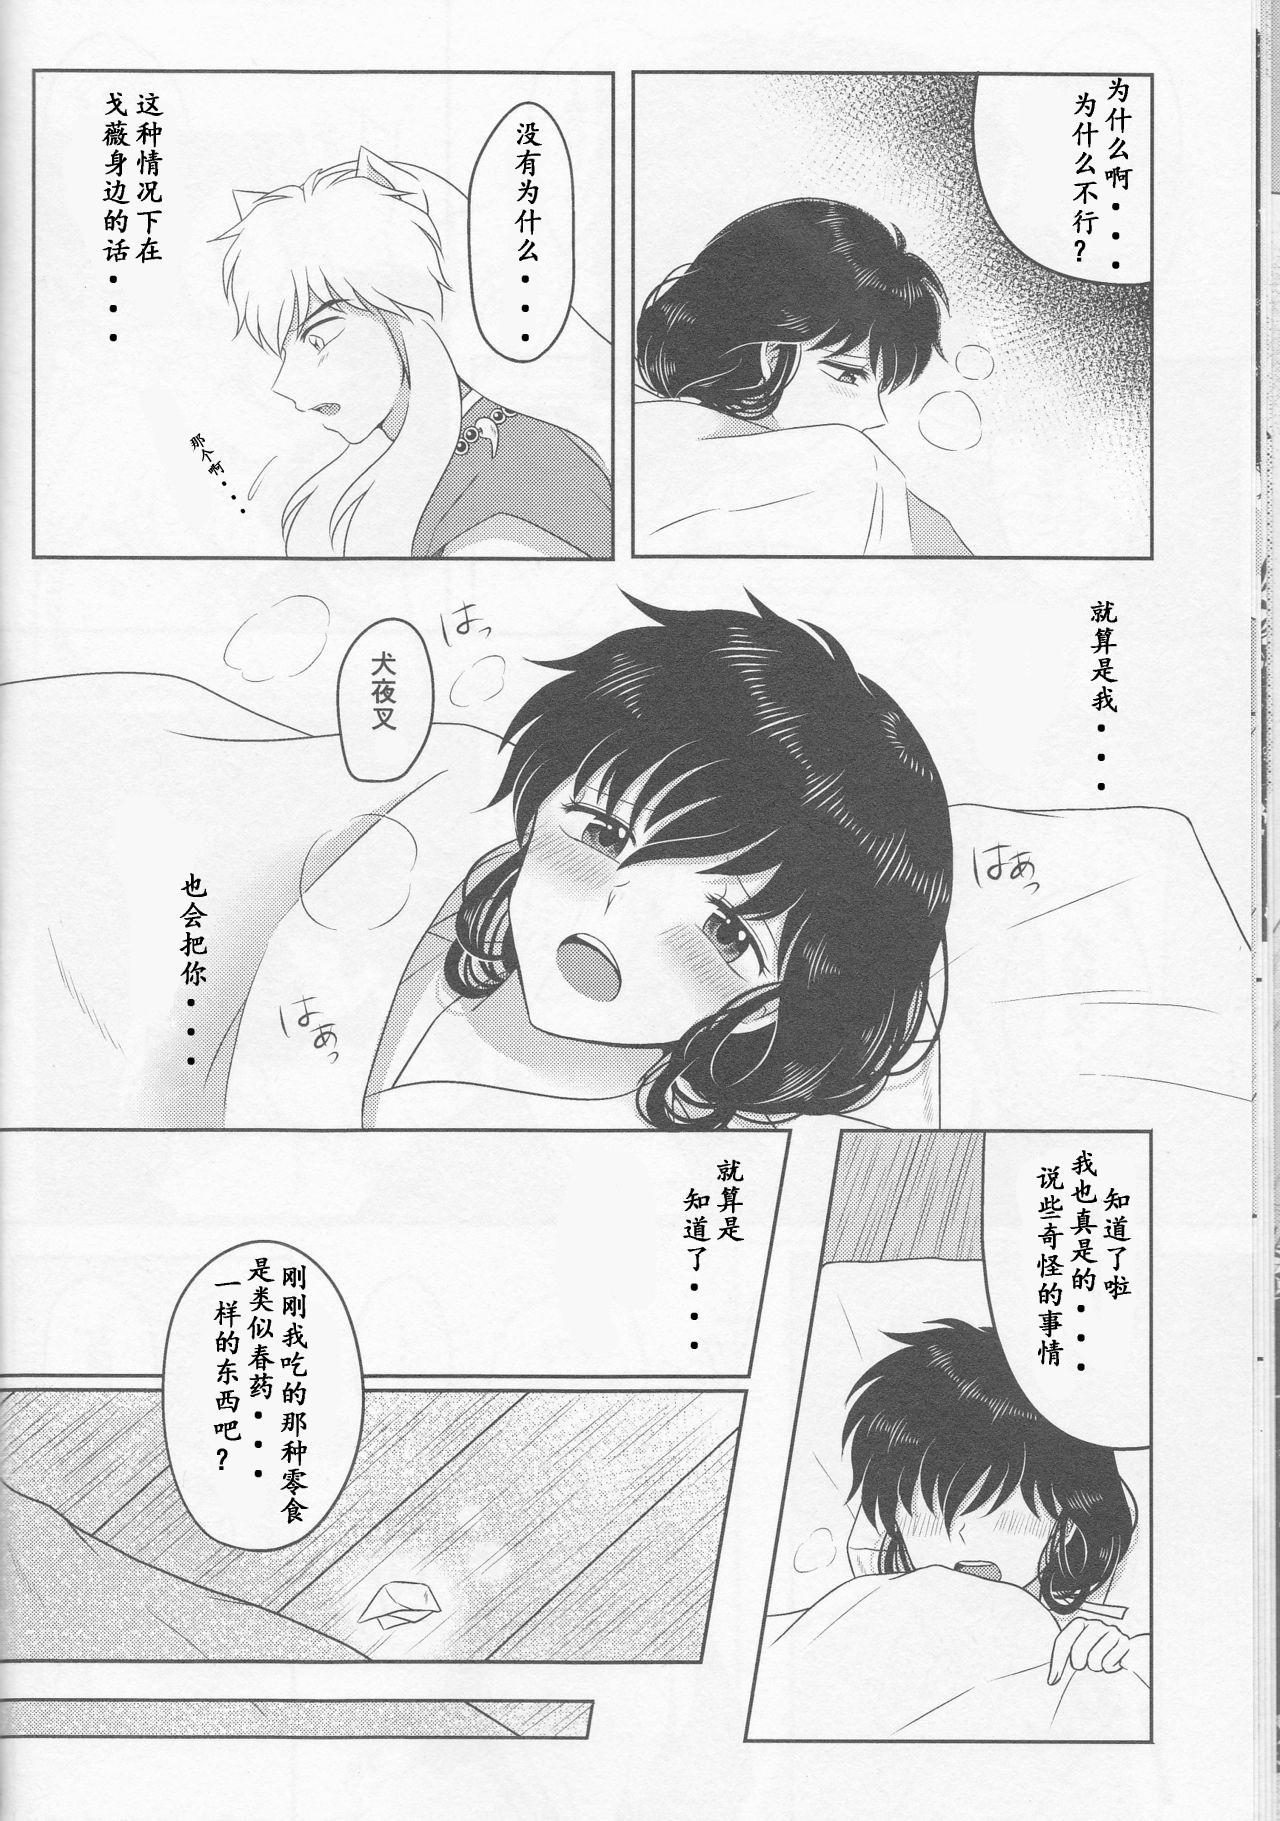 Koi Gusuri - Love drug 14